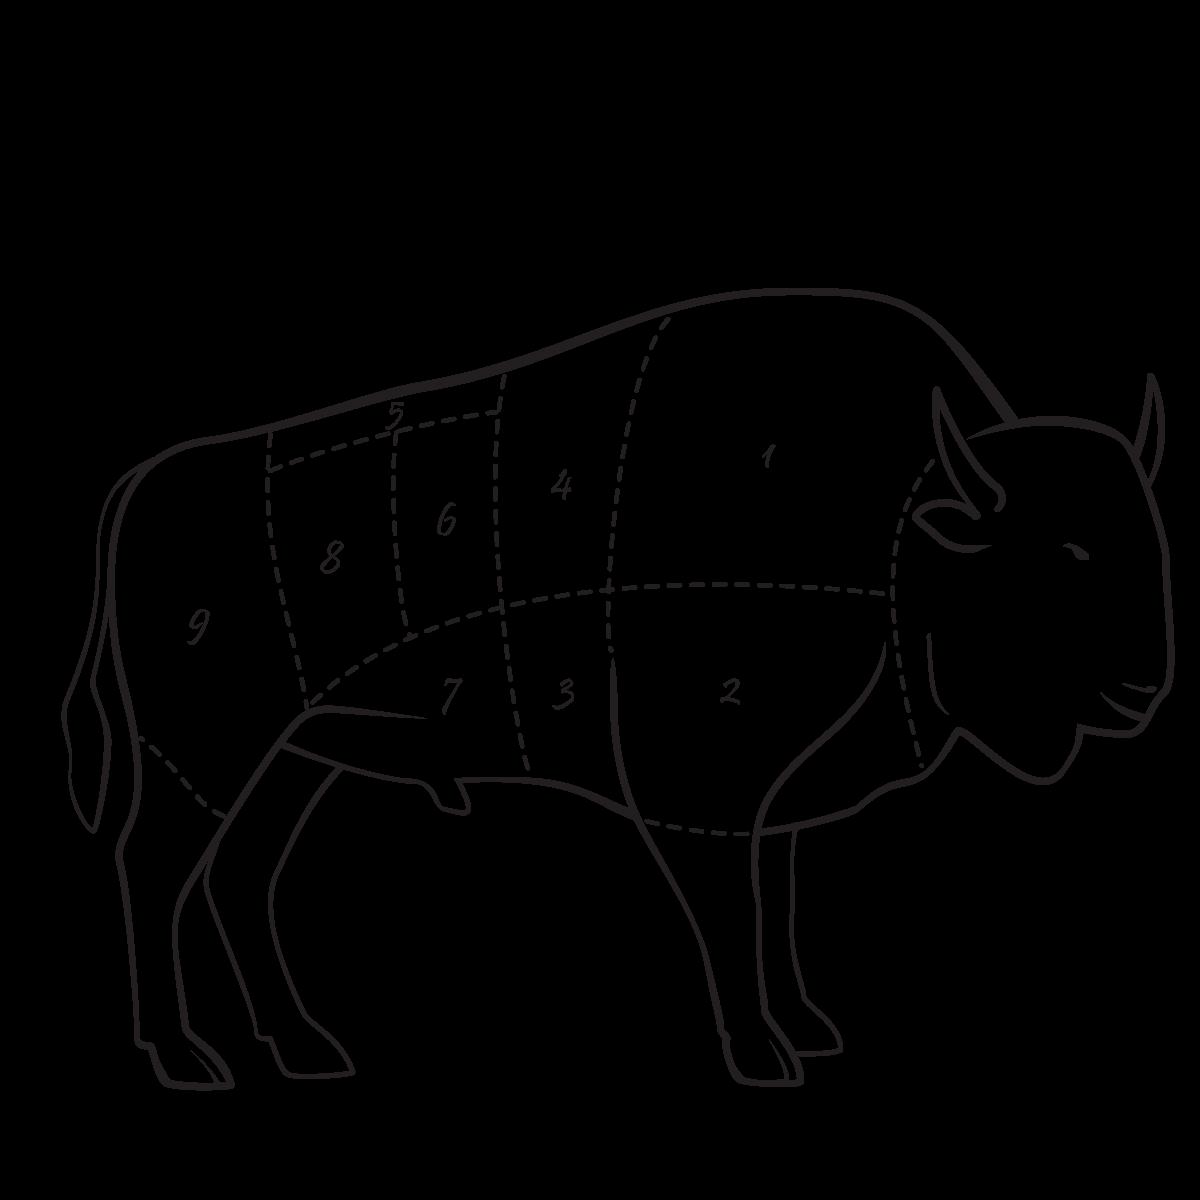 decoupe-viande-de-bison-grossiste-boucher-negociant